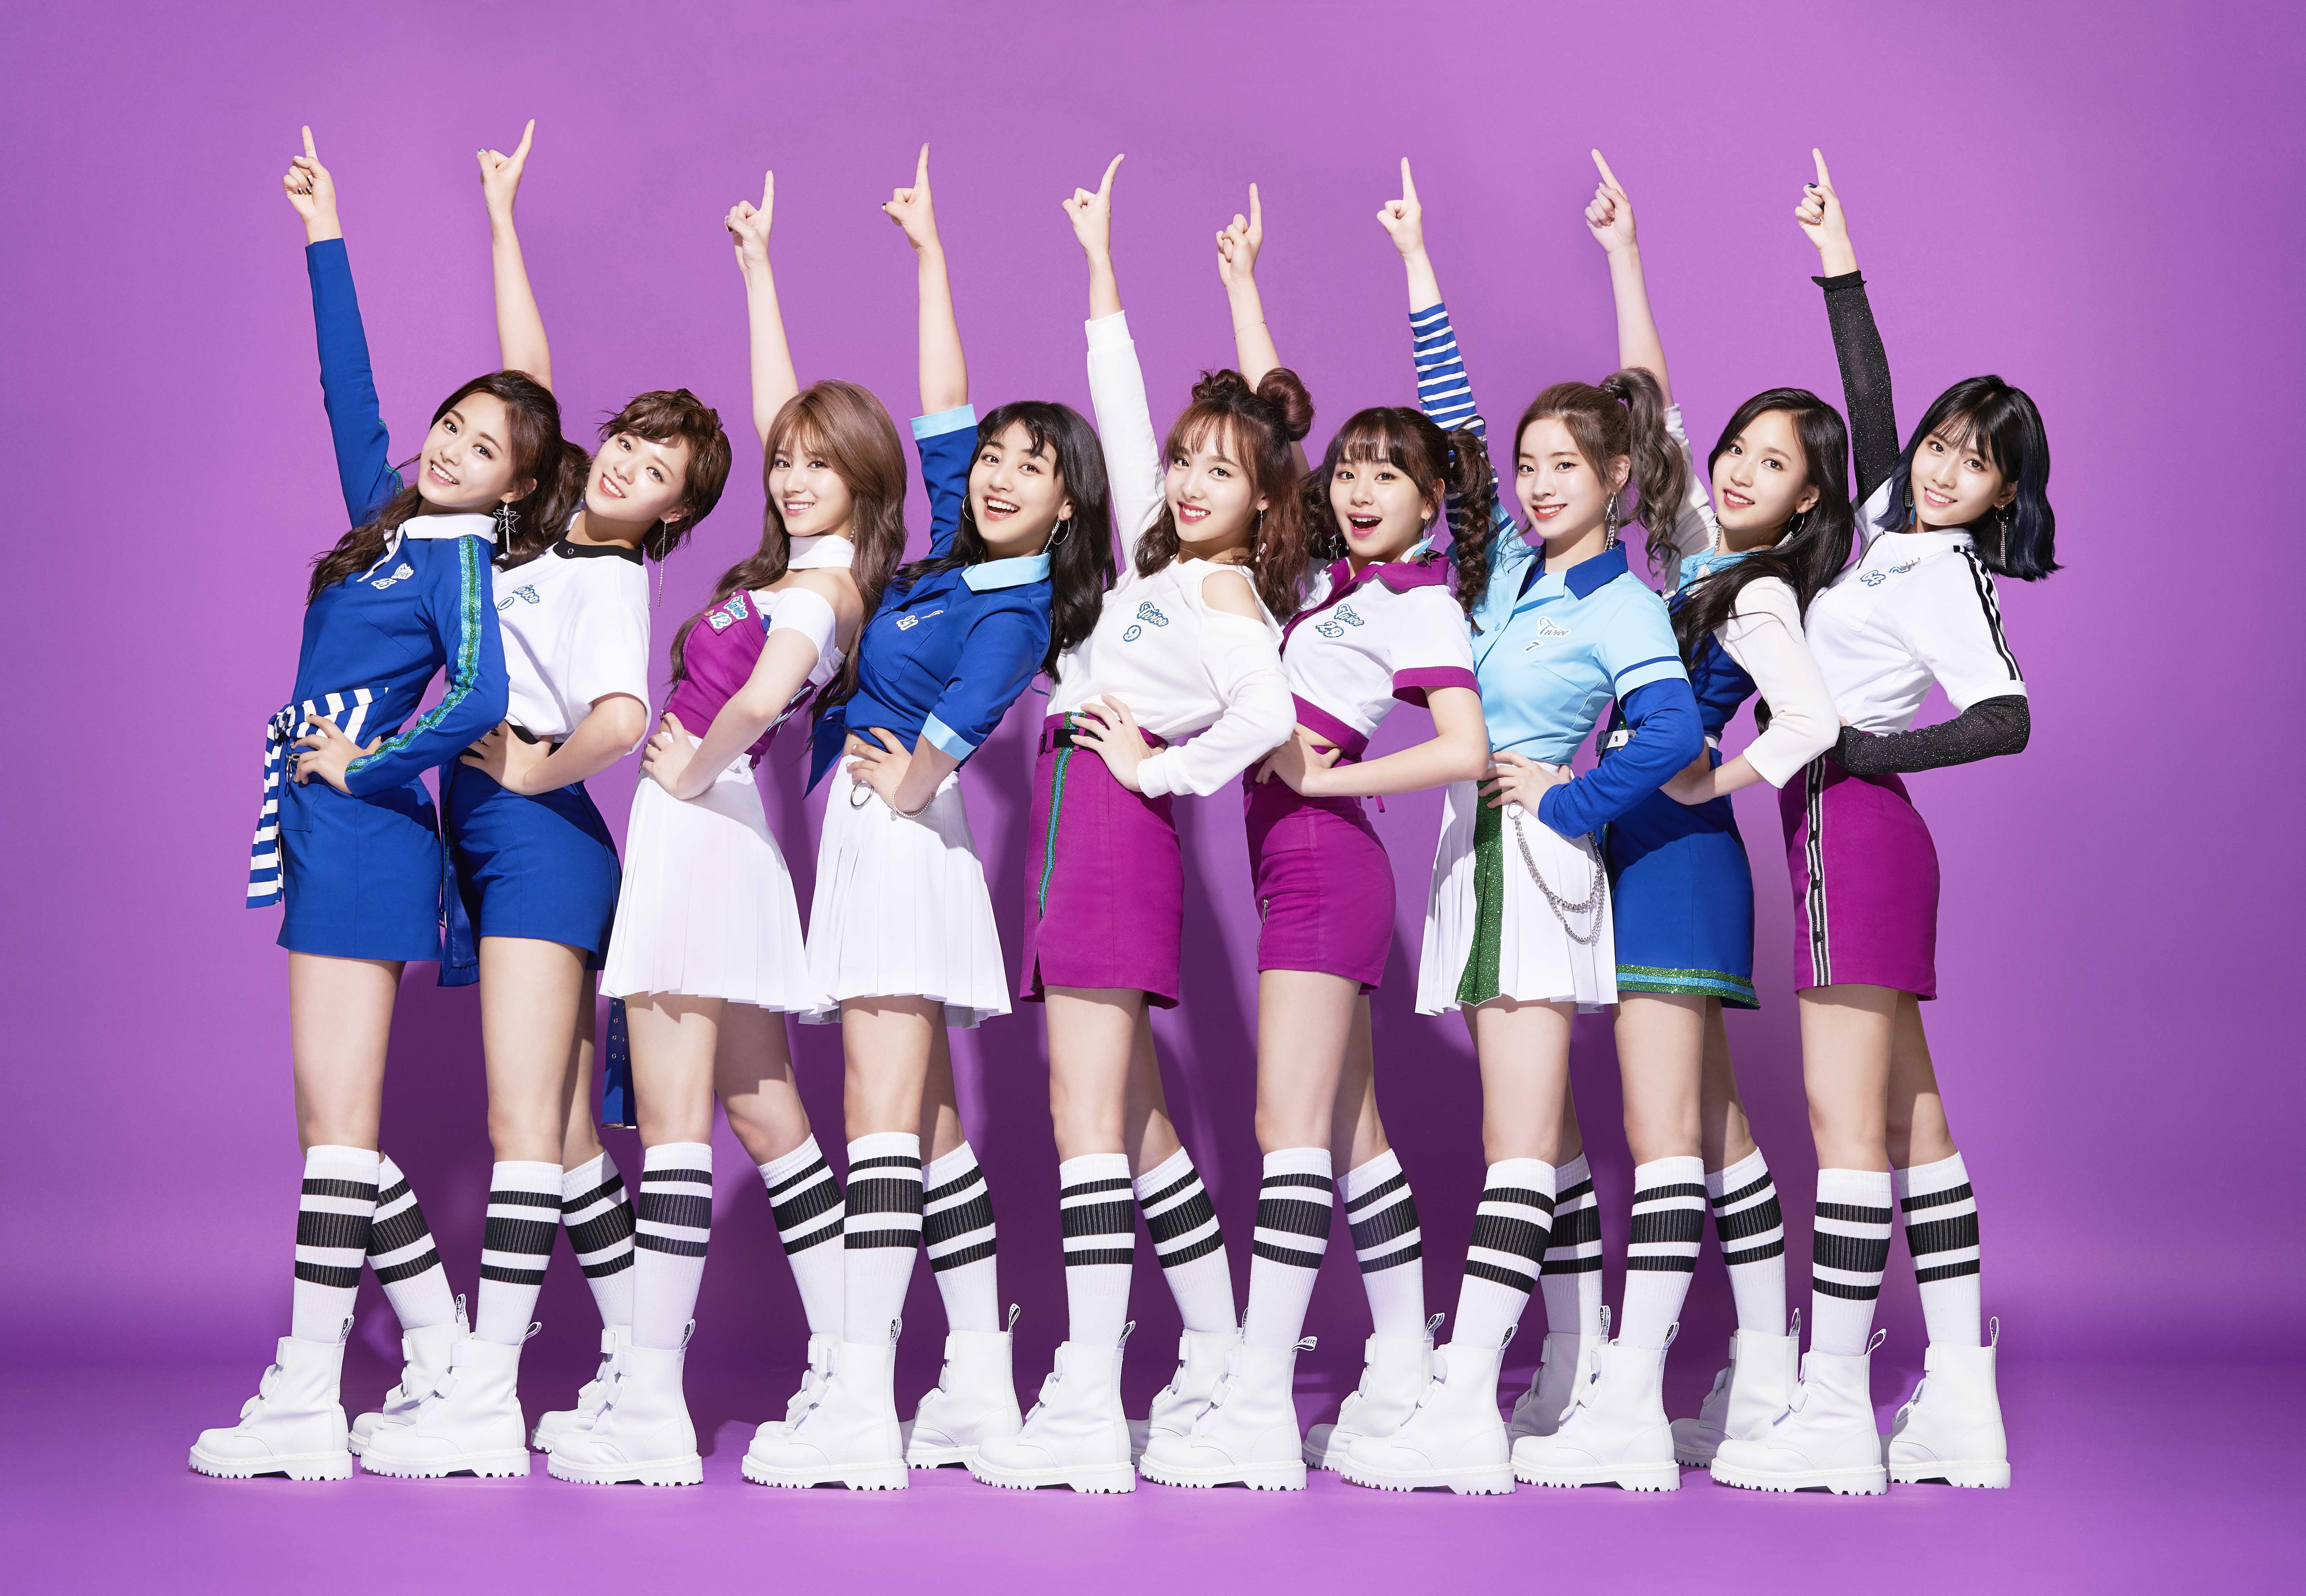 Twice Women Singer Asian K Pop 5k Wallpaper Hdwallpaper Desktop Kpop Girls Twice Photoshoot Girls Generation